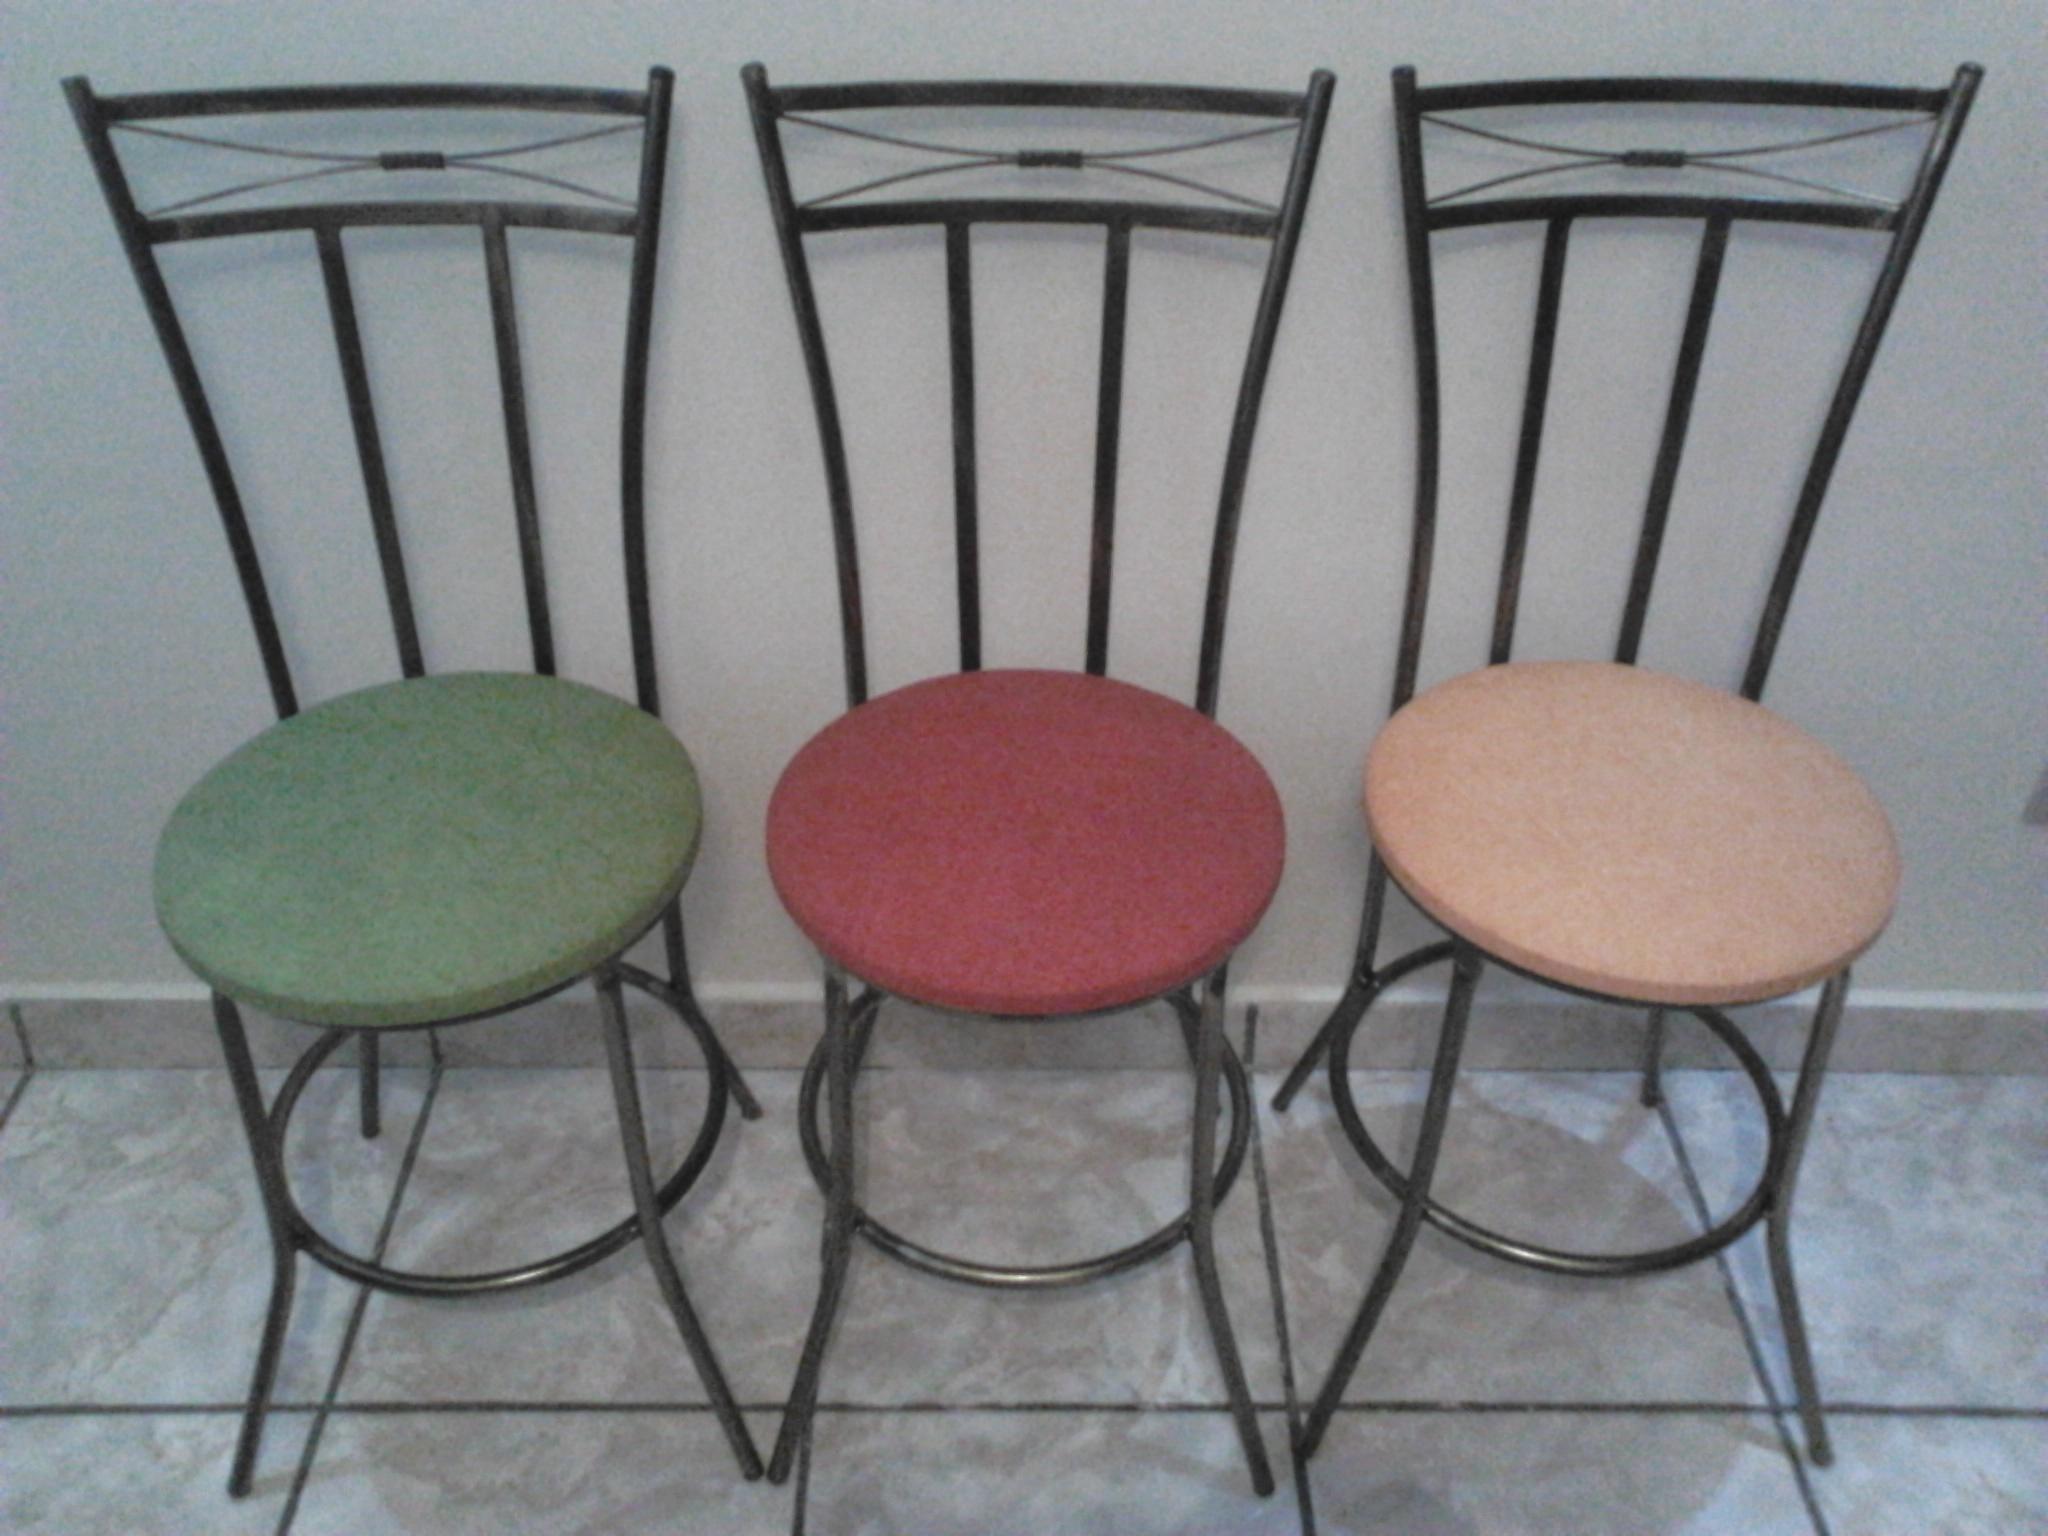 Cadeira Decoração Ferro Fundido   Elo7 7a96dfd59b